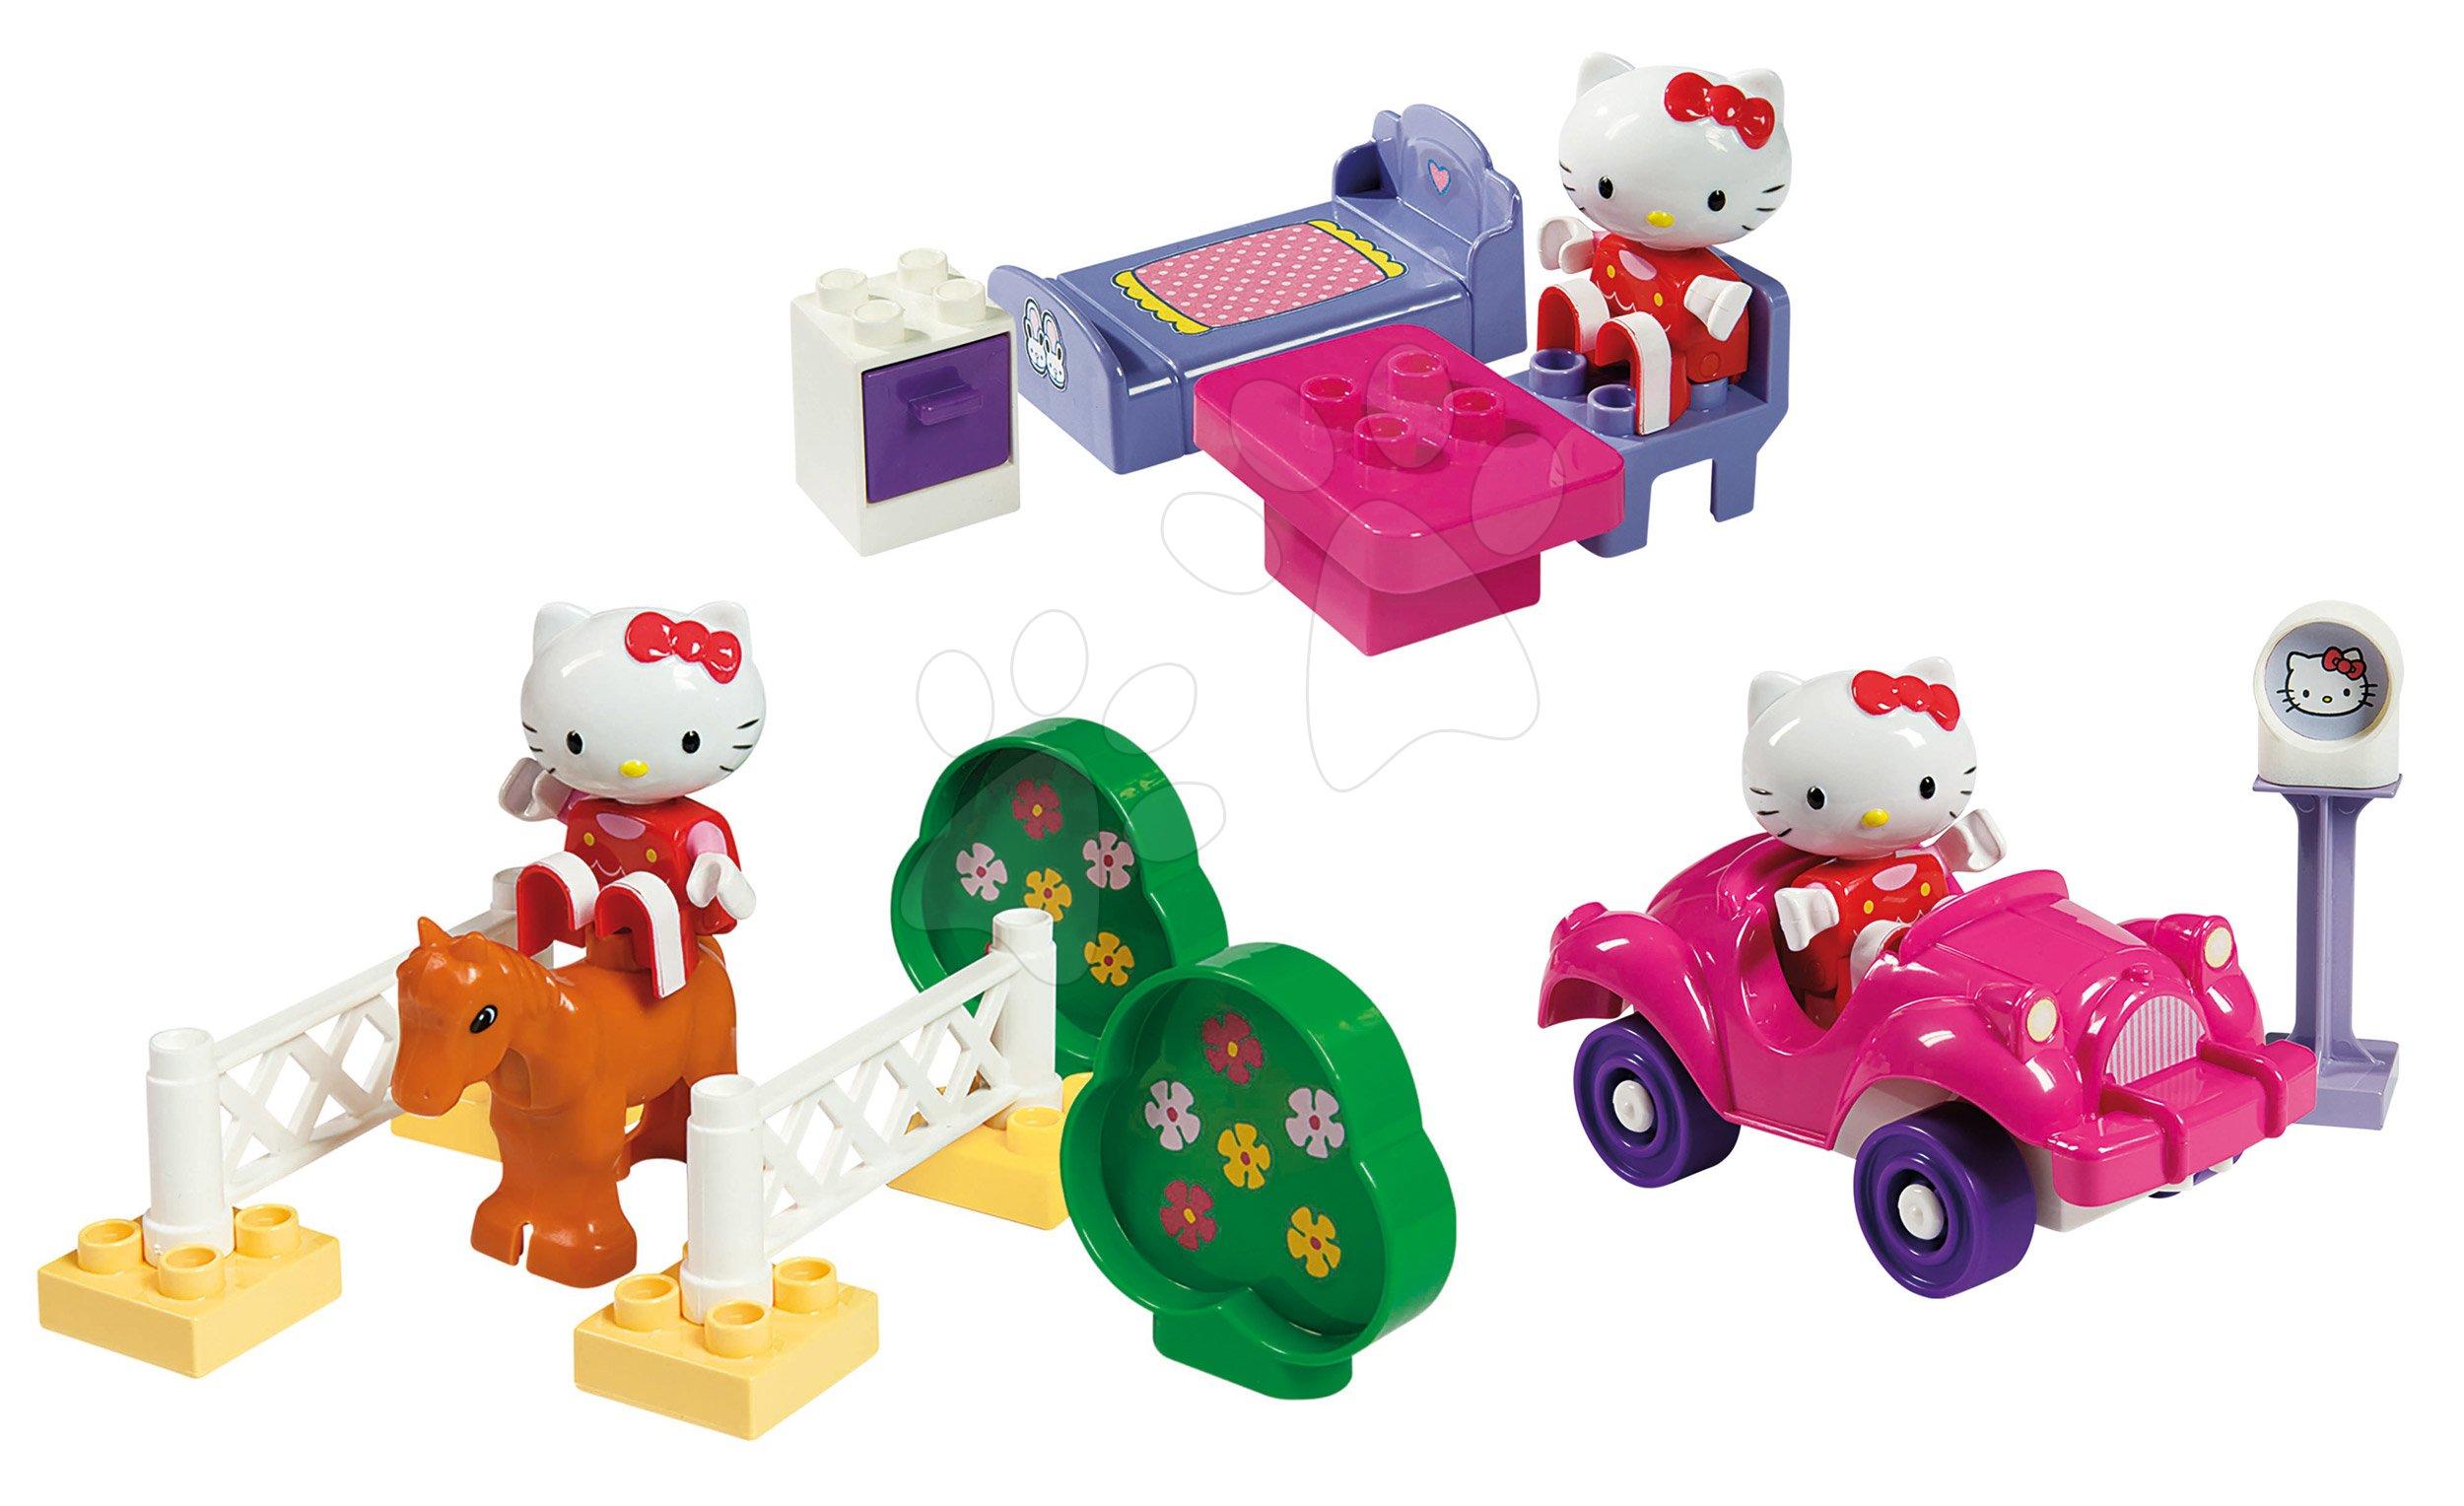 Stavebnice BIG-Bloxx ako lego - Stavebnica PlayBIG Bloxx BIG Hello Kitty - na dostihoch v autíčku a v spálni od 18 mes